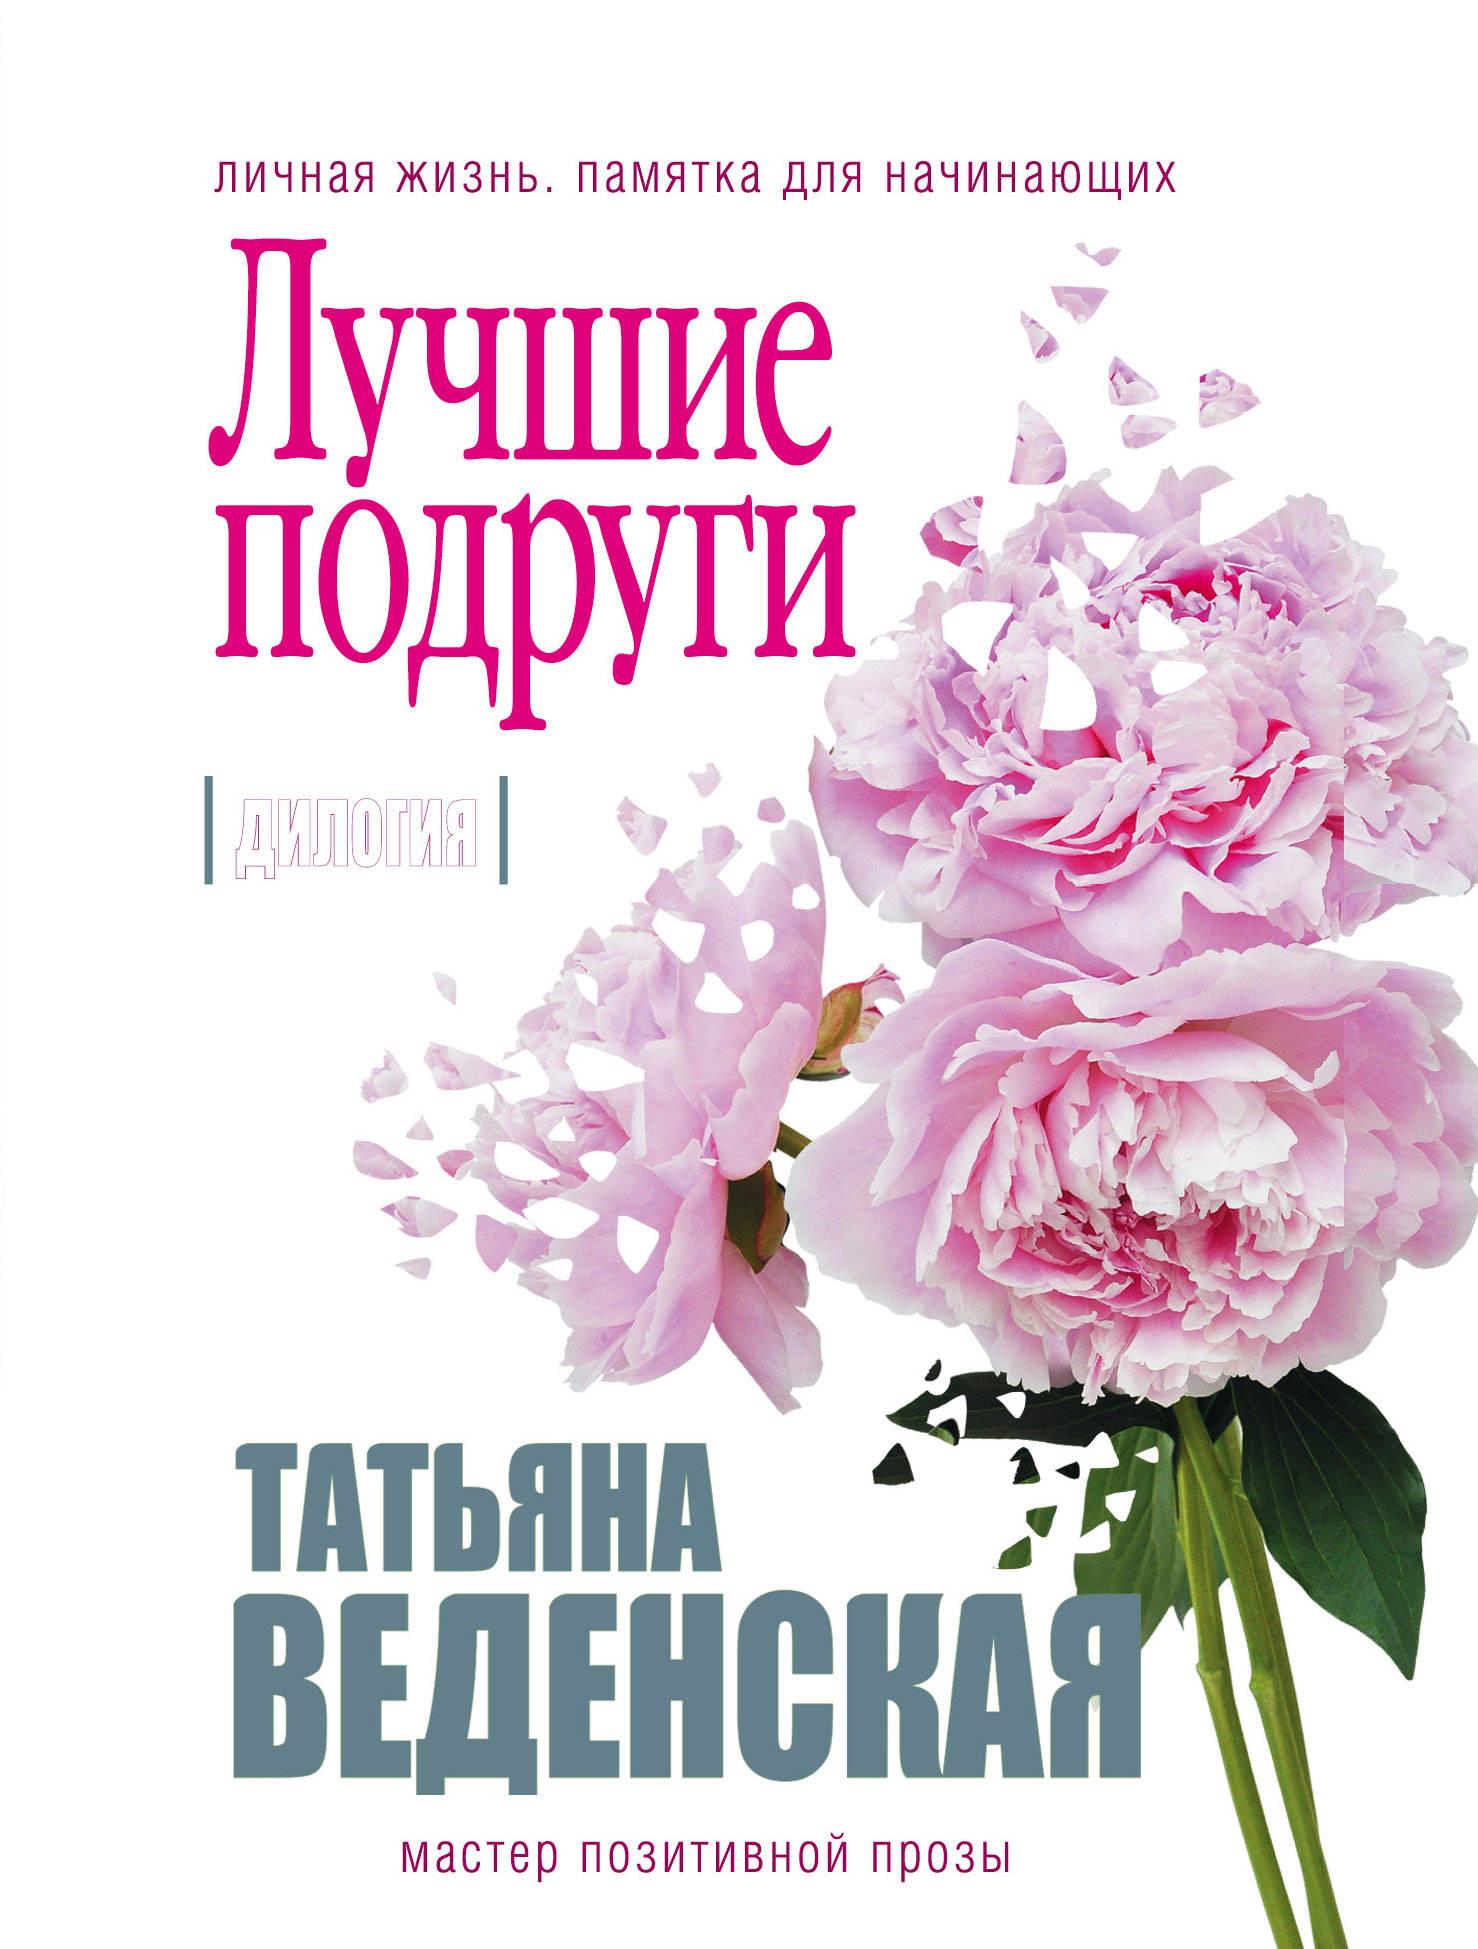 Веденская Татьяна Лучшие подруги